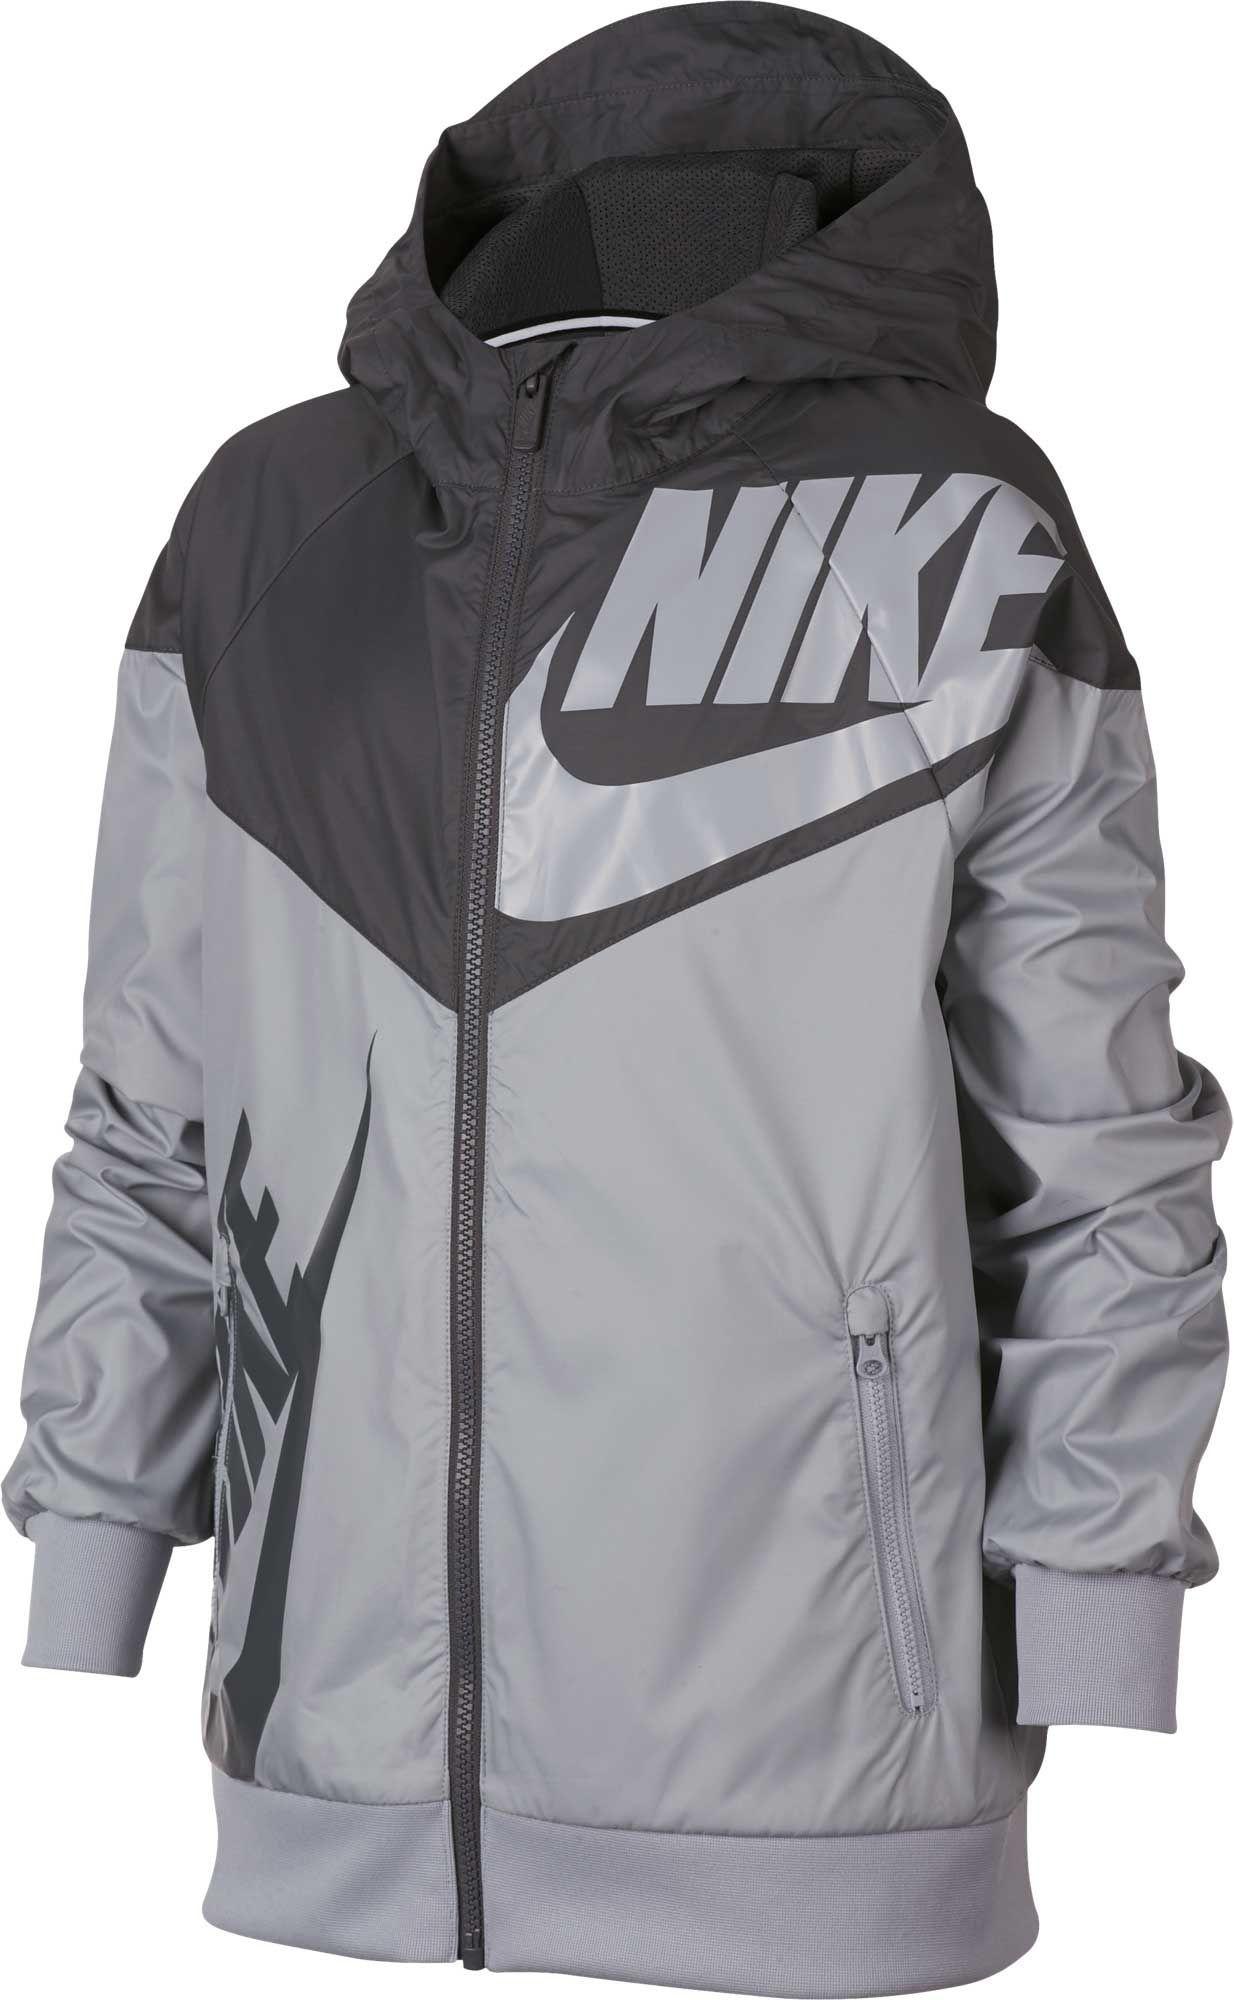 Sportswear Boys' in Graphic Windrunner Nike Jacket 2019 wOuZTXlPki